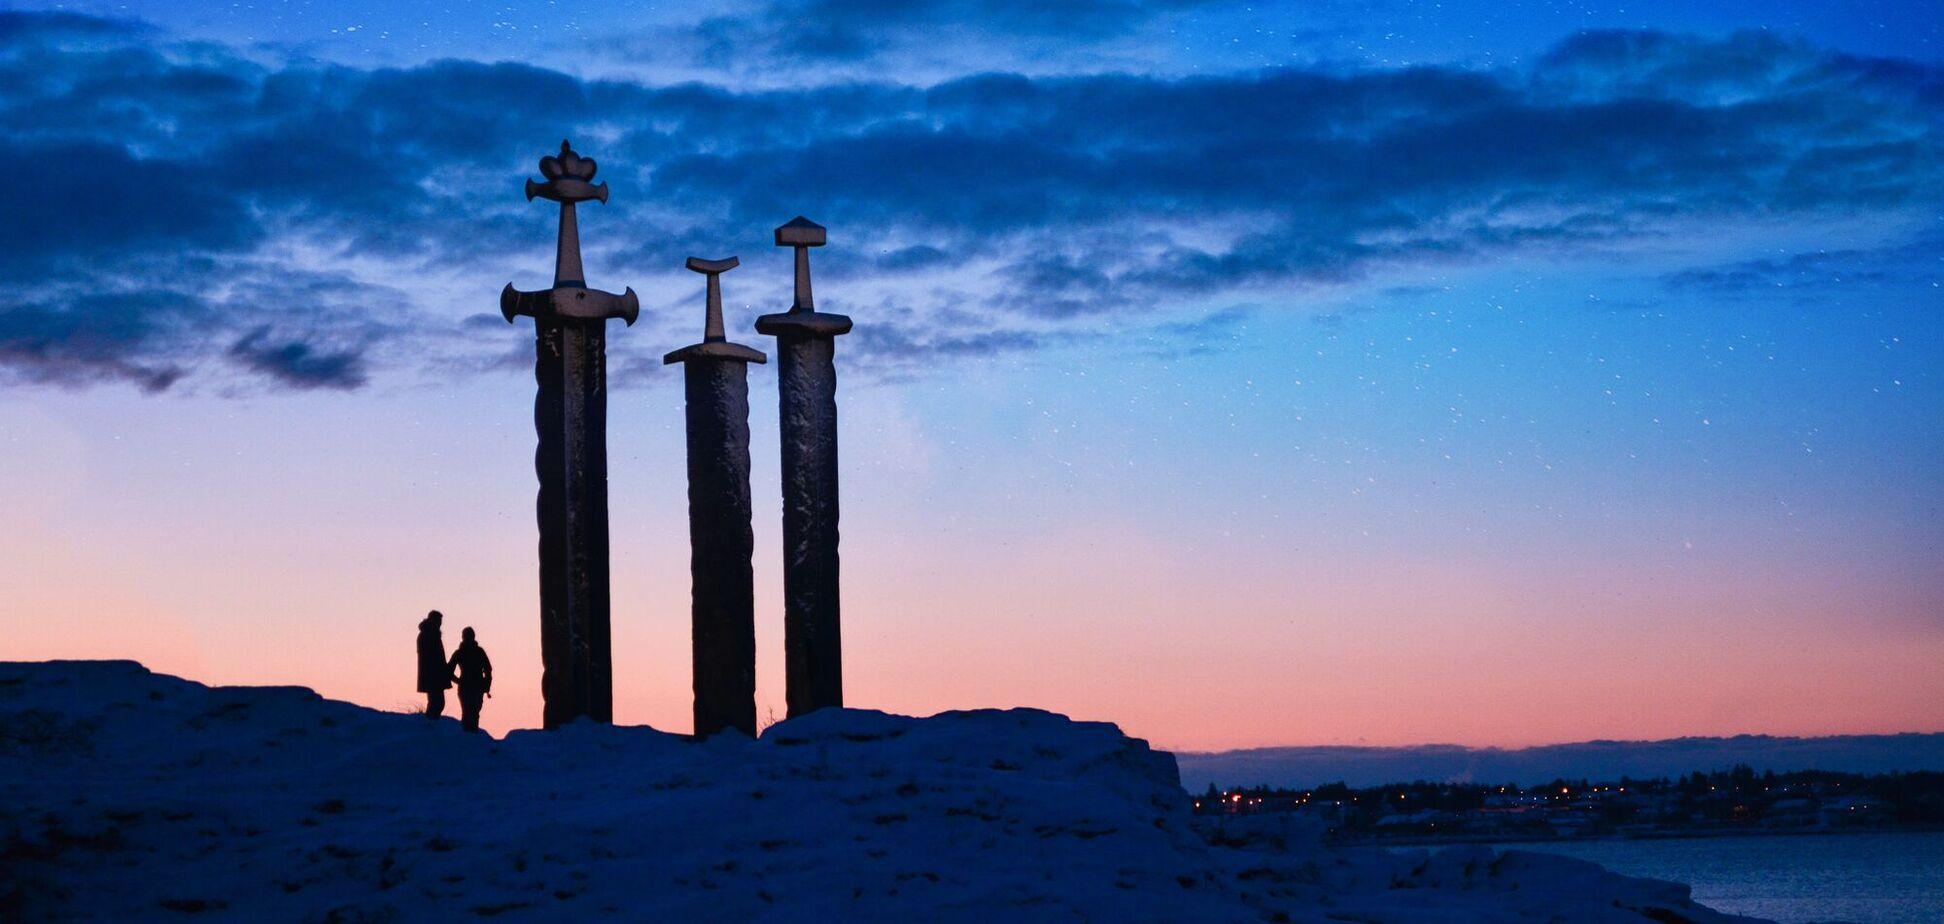 Найденный в Норвегии курган викингов датируется V веком. Иллюстрация